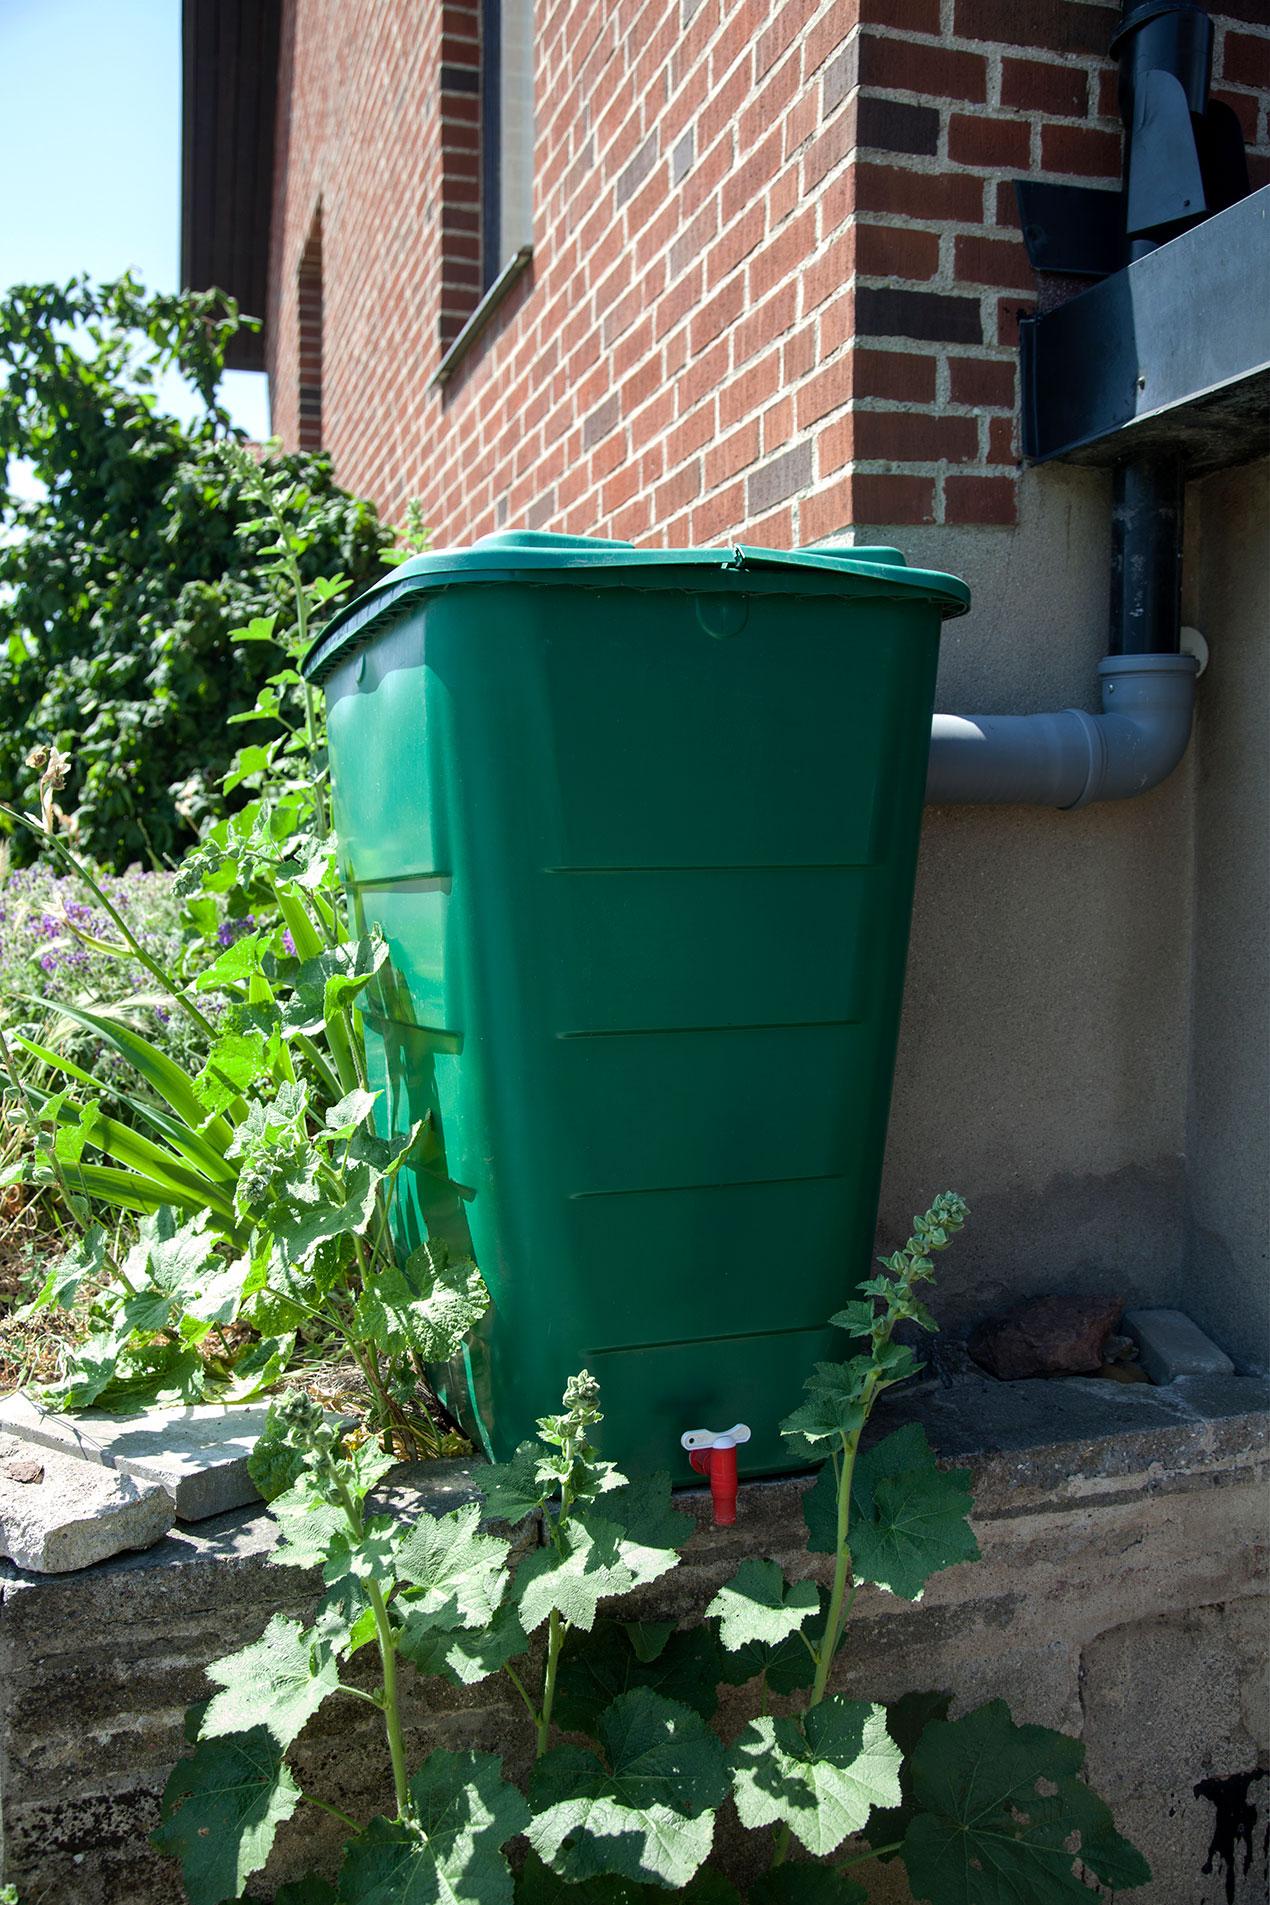 grön tunna i plast står på en mur, stuprör går in i tunnan